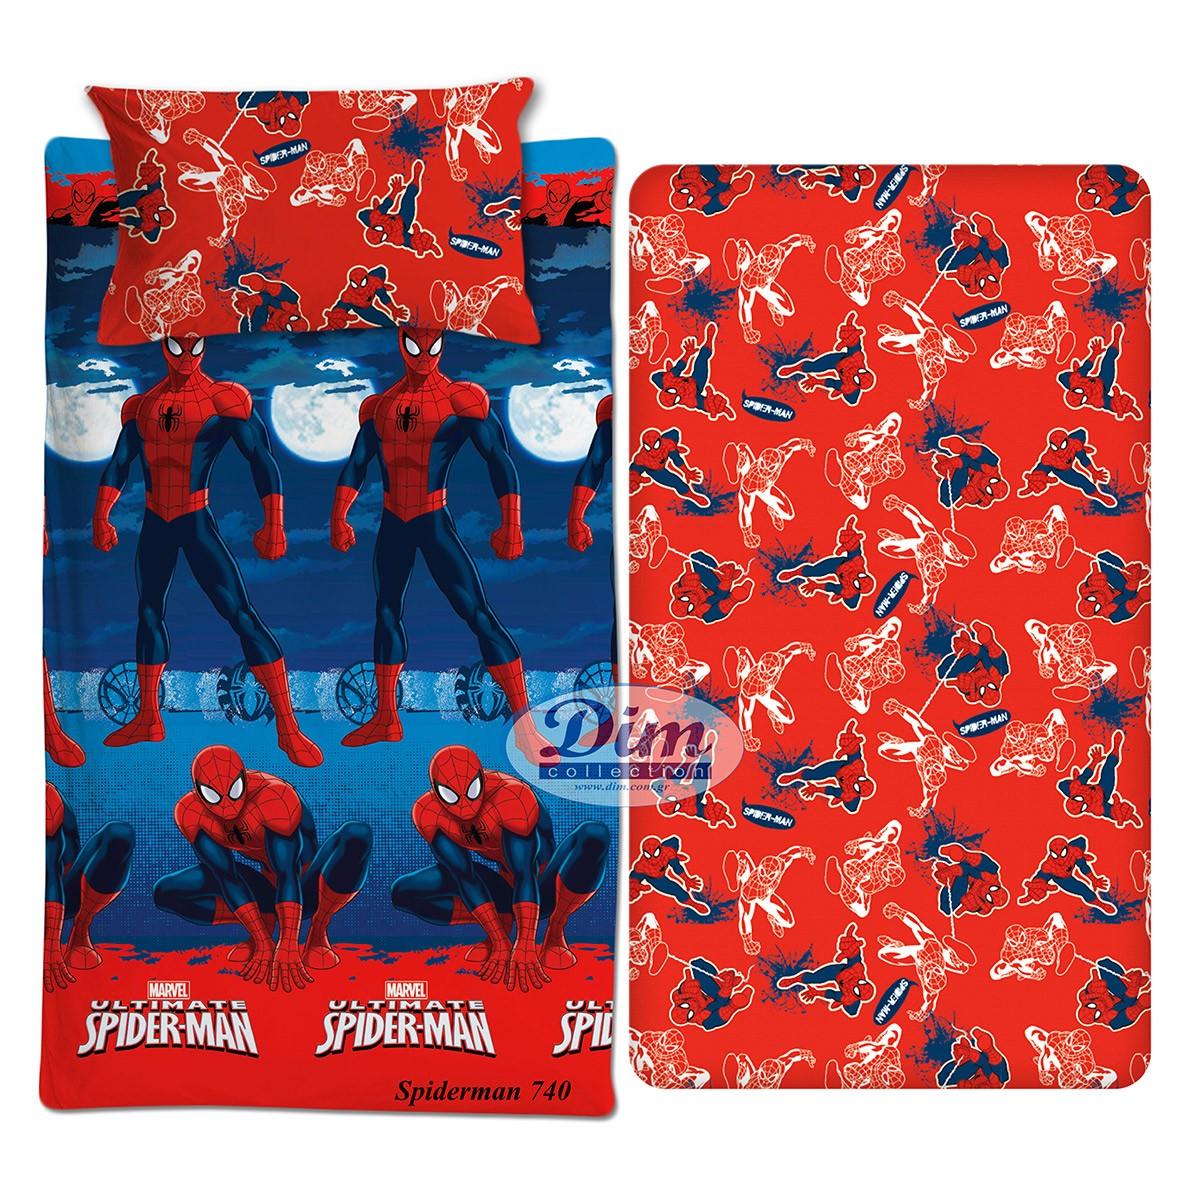 Σεντόνια Μονά (Σετ) Dim Collection Spiderman 740